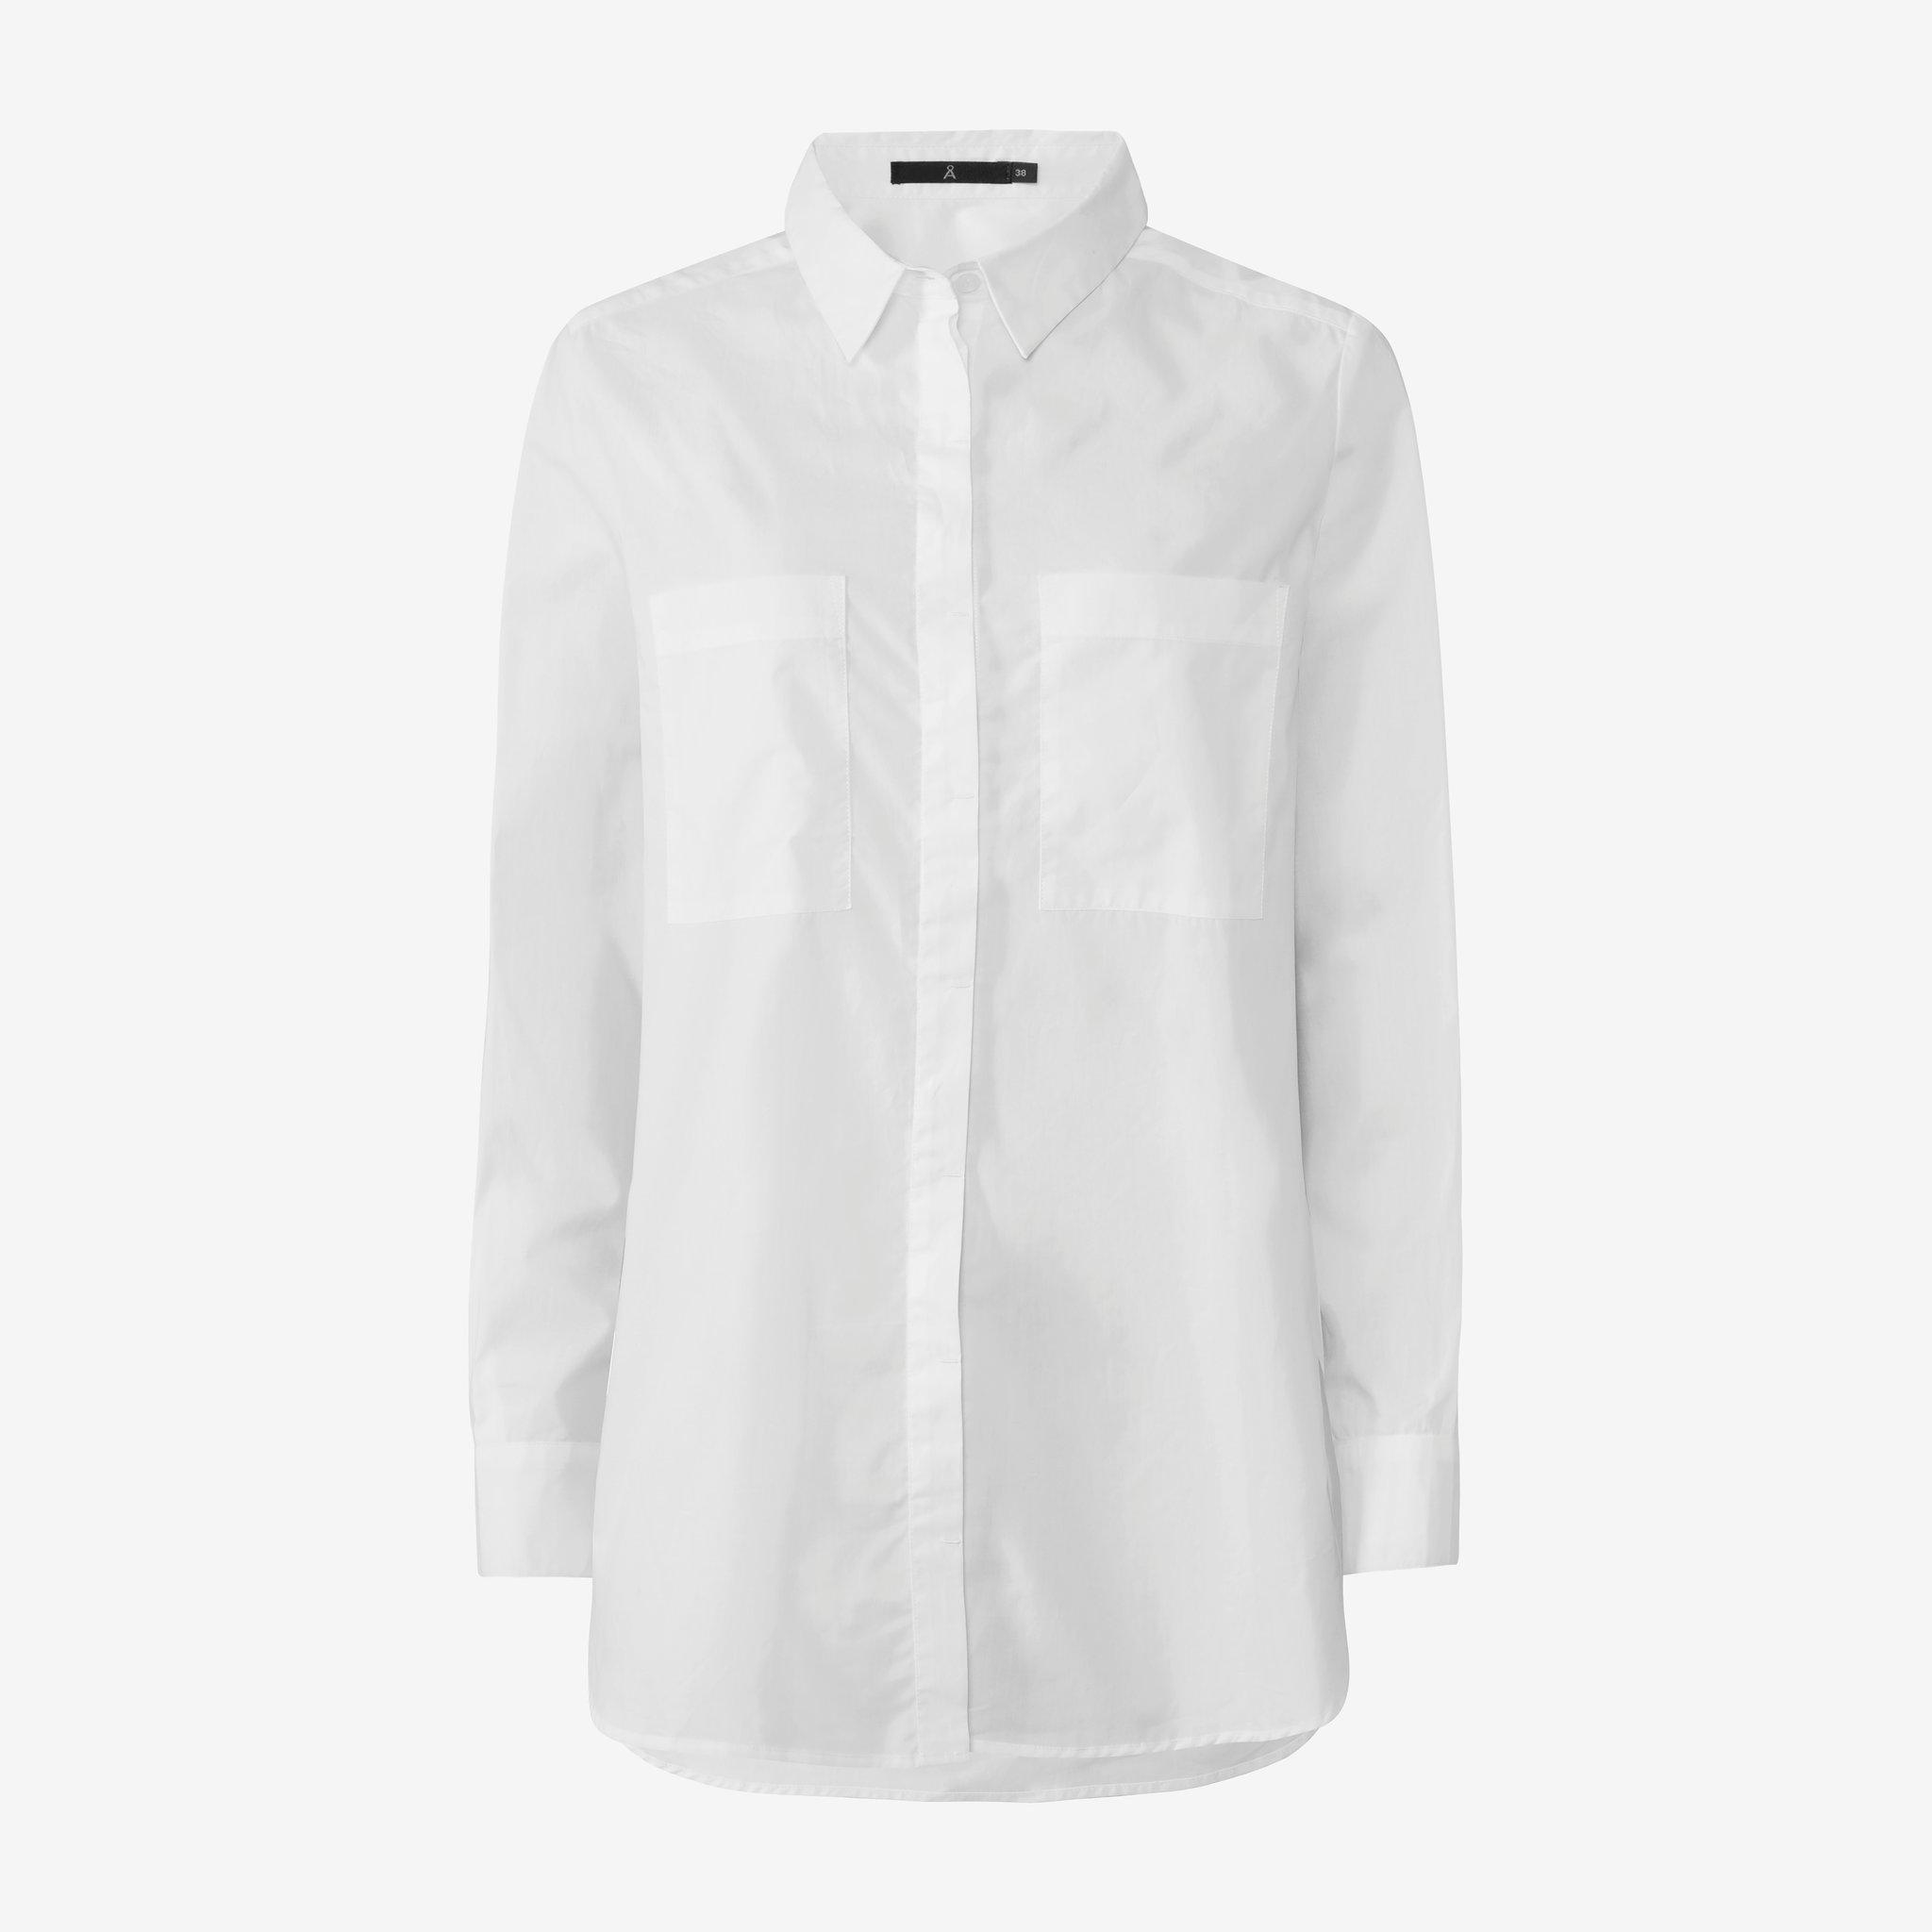 Skjorta - Blusar   skjortor - Köp online på åhlens.se! 2632cd7ba58ad